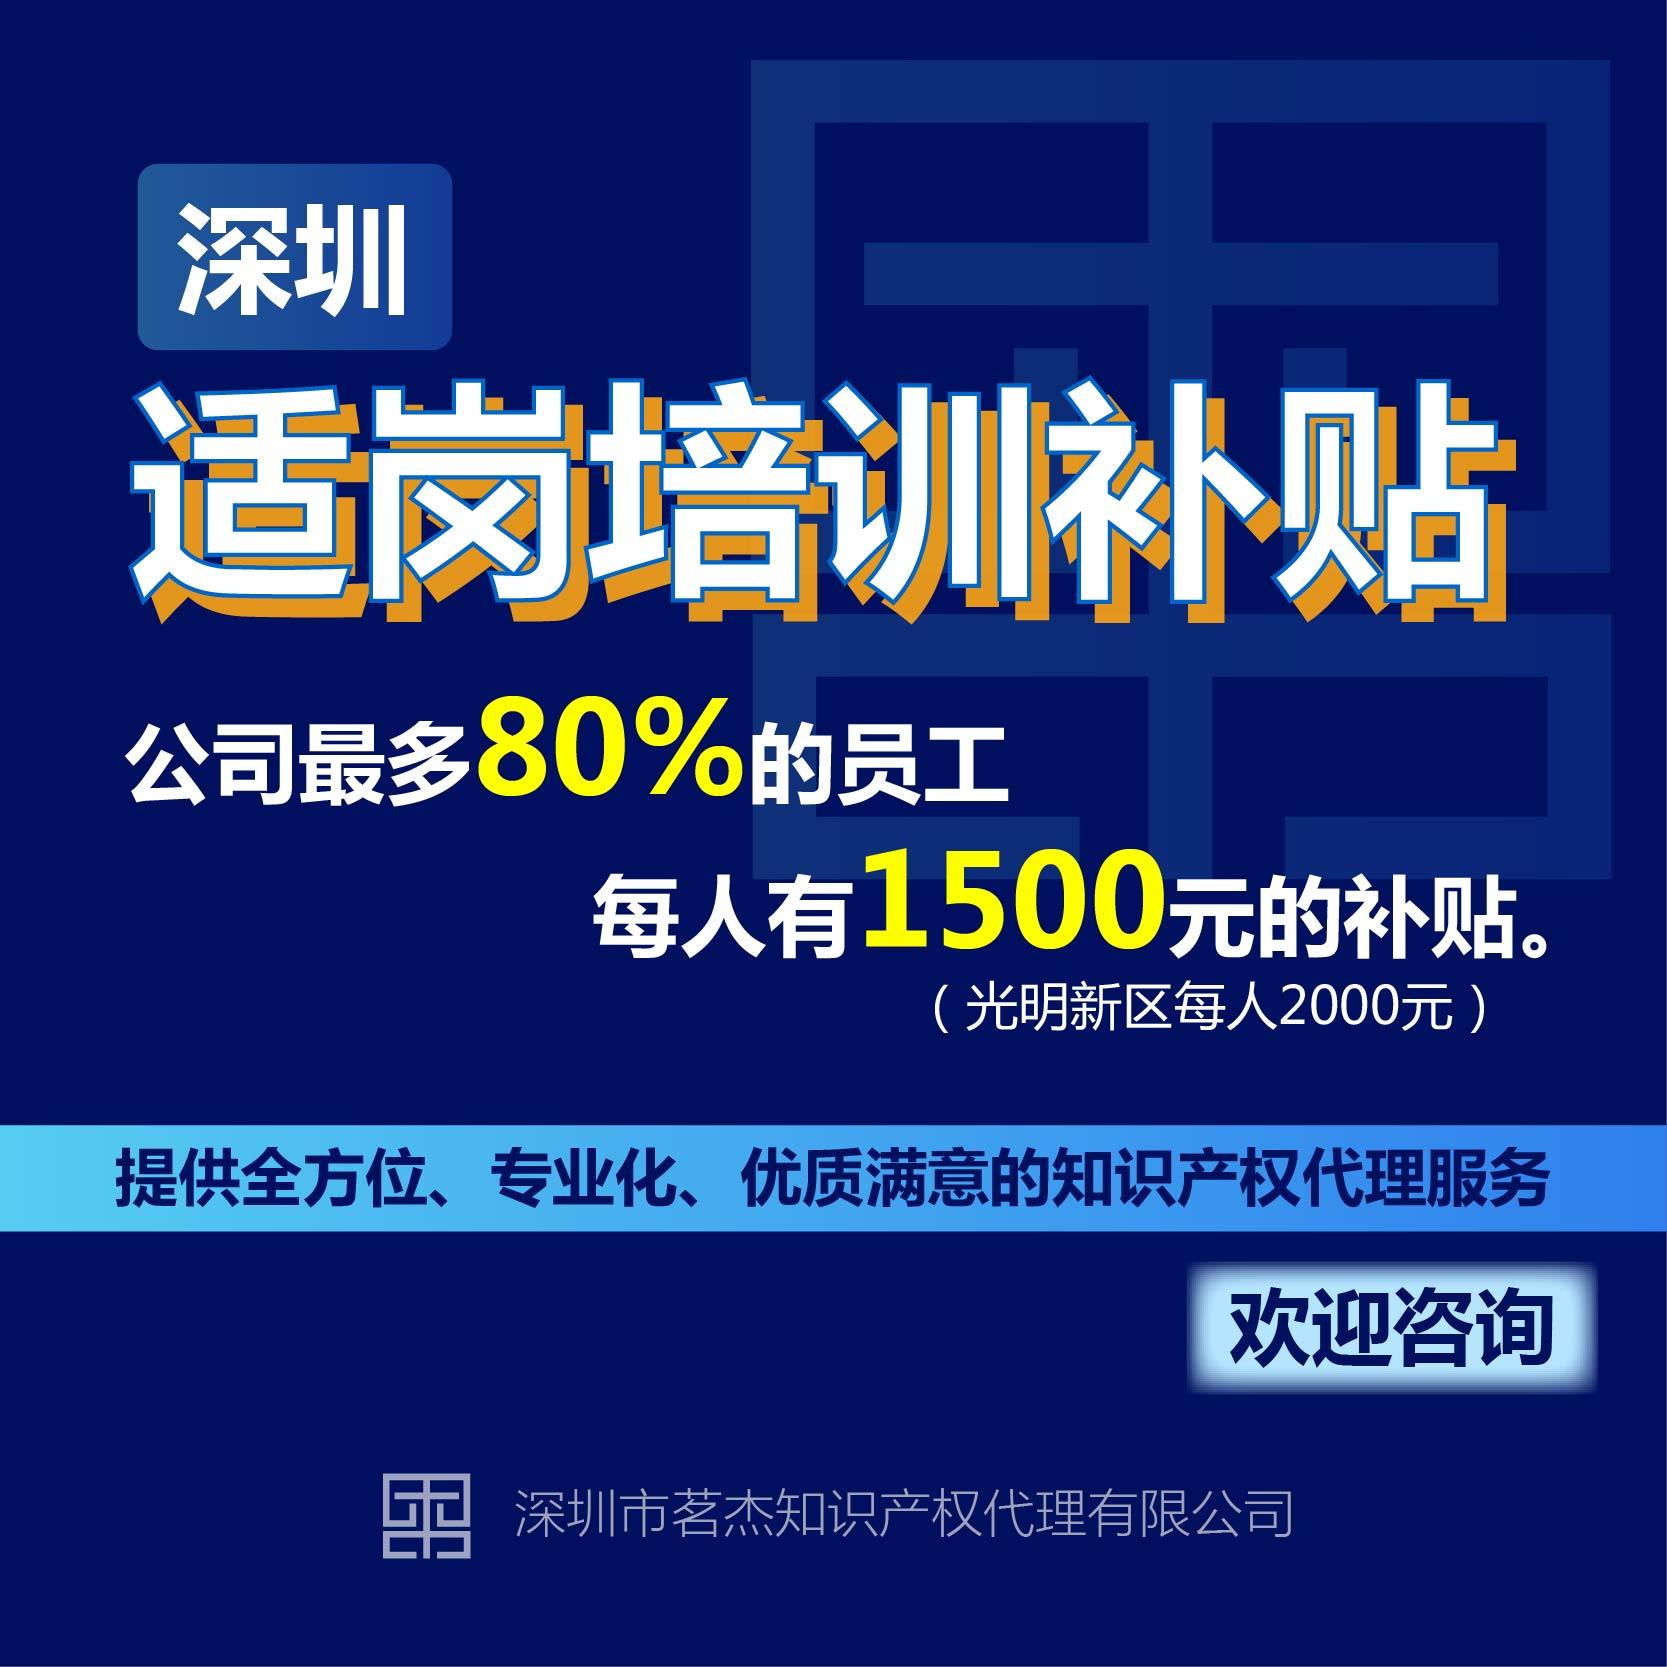 龙华区培训补贴价格_管理培训相关-深圳市茗杰知识产权代理有限公司